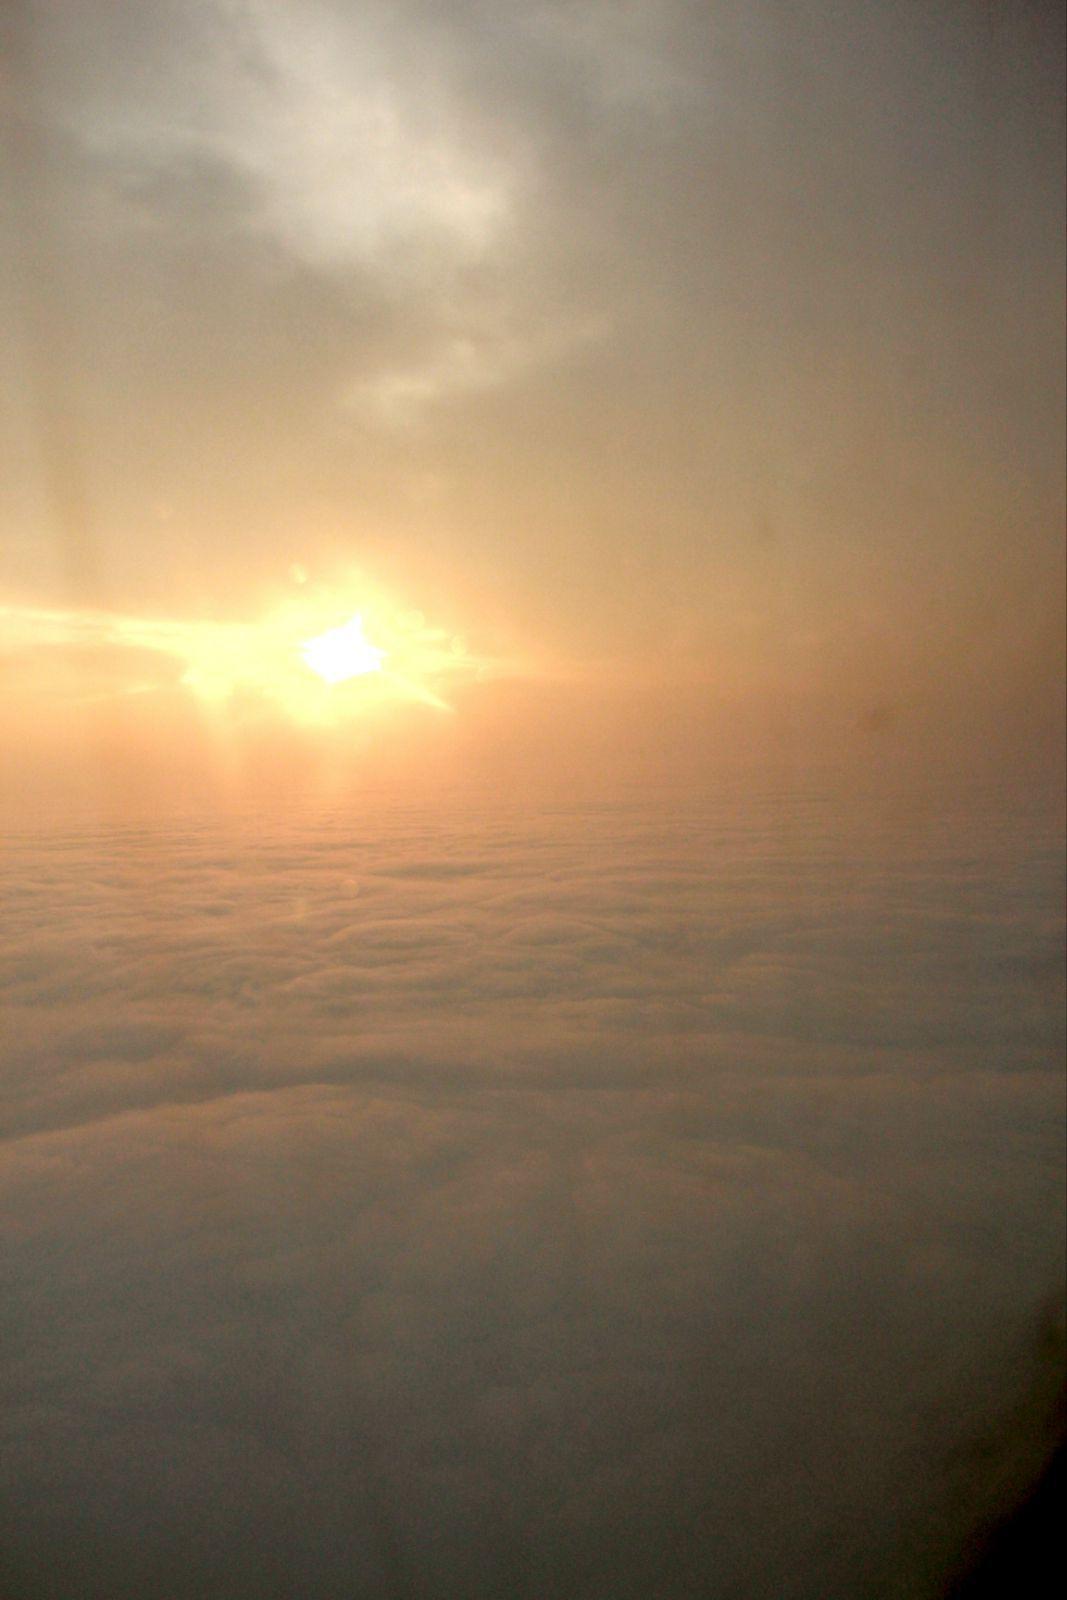 太阳刚刚升起来的时候,很耀眼!